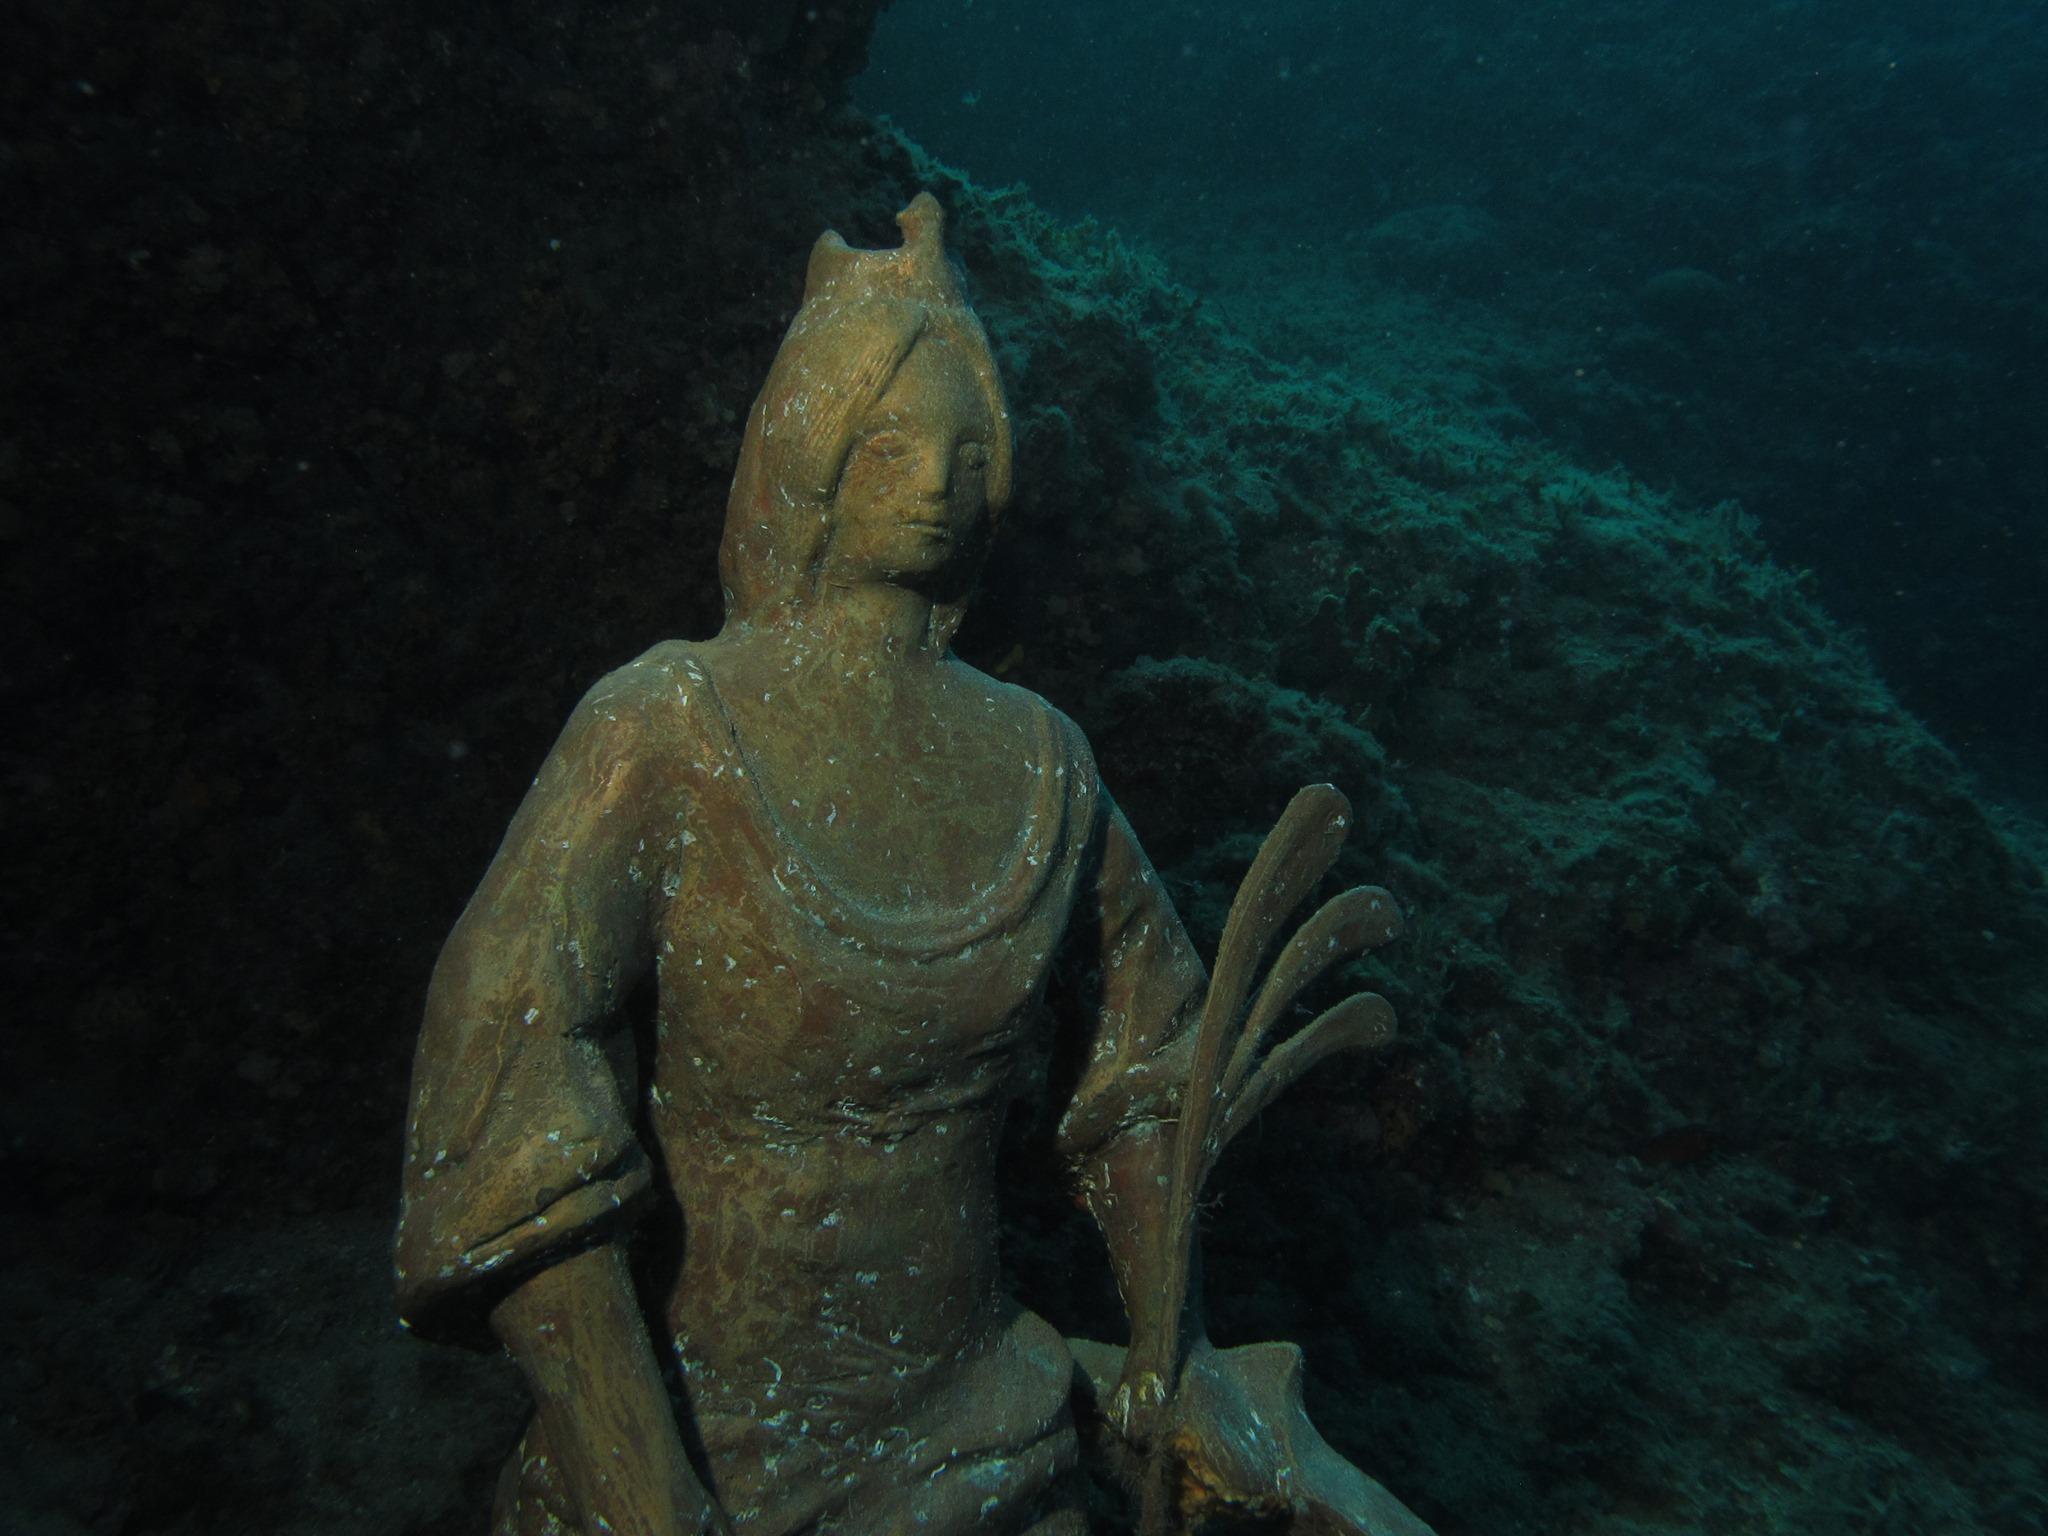 Četvrto podvodno hodočašće na repliku kipa sv. Eufemije